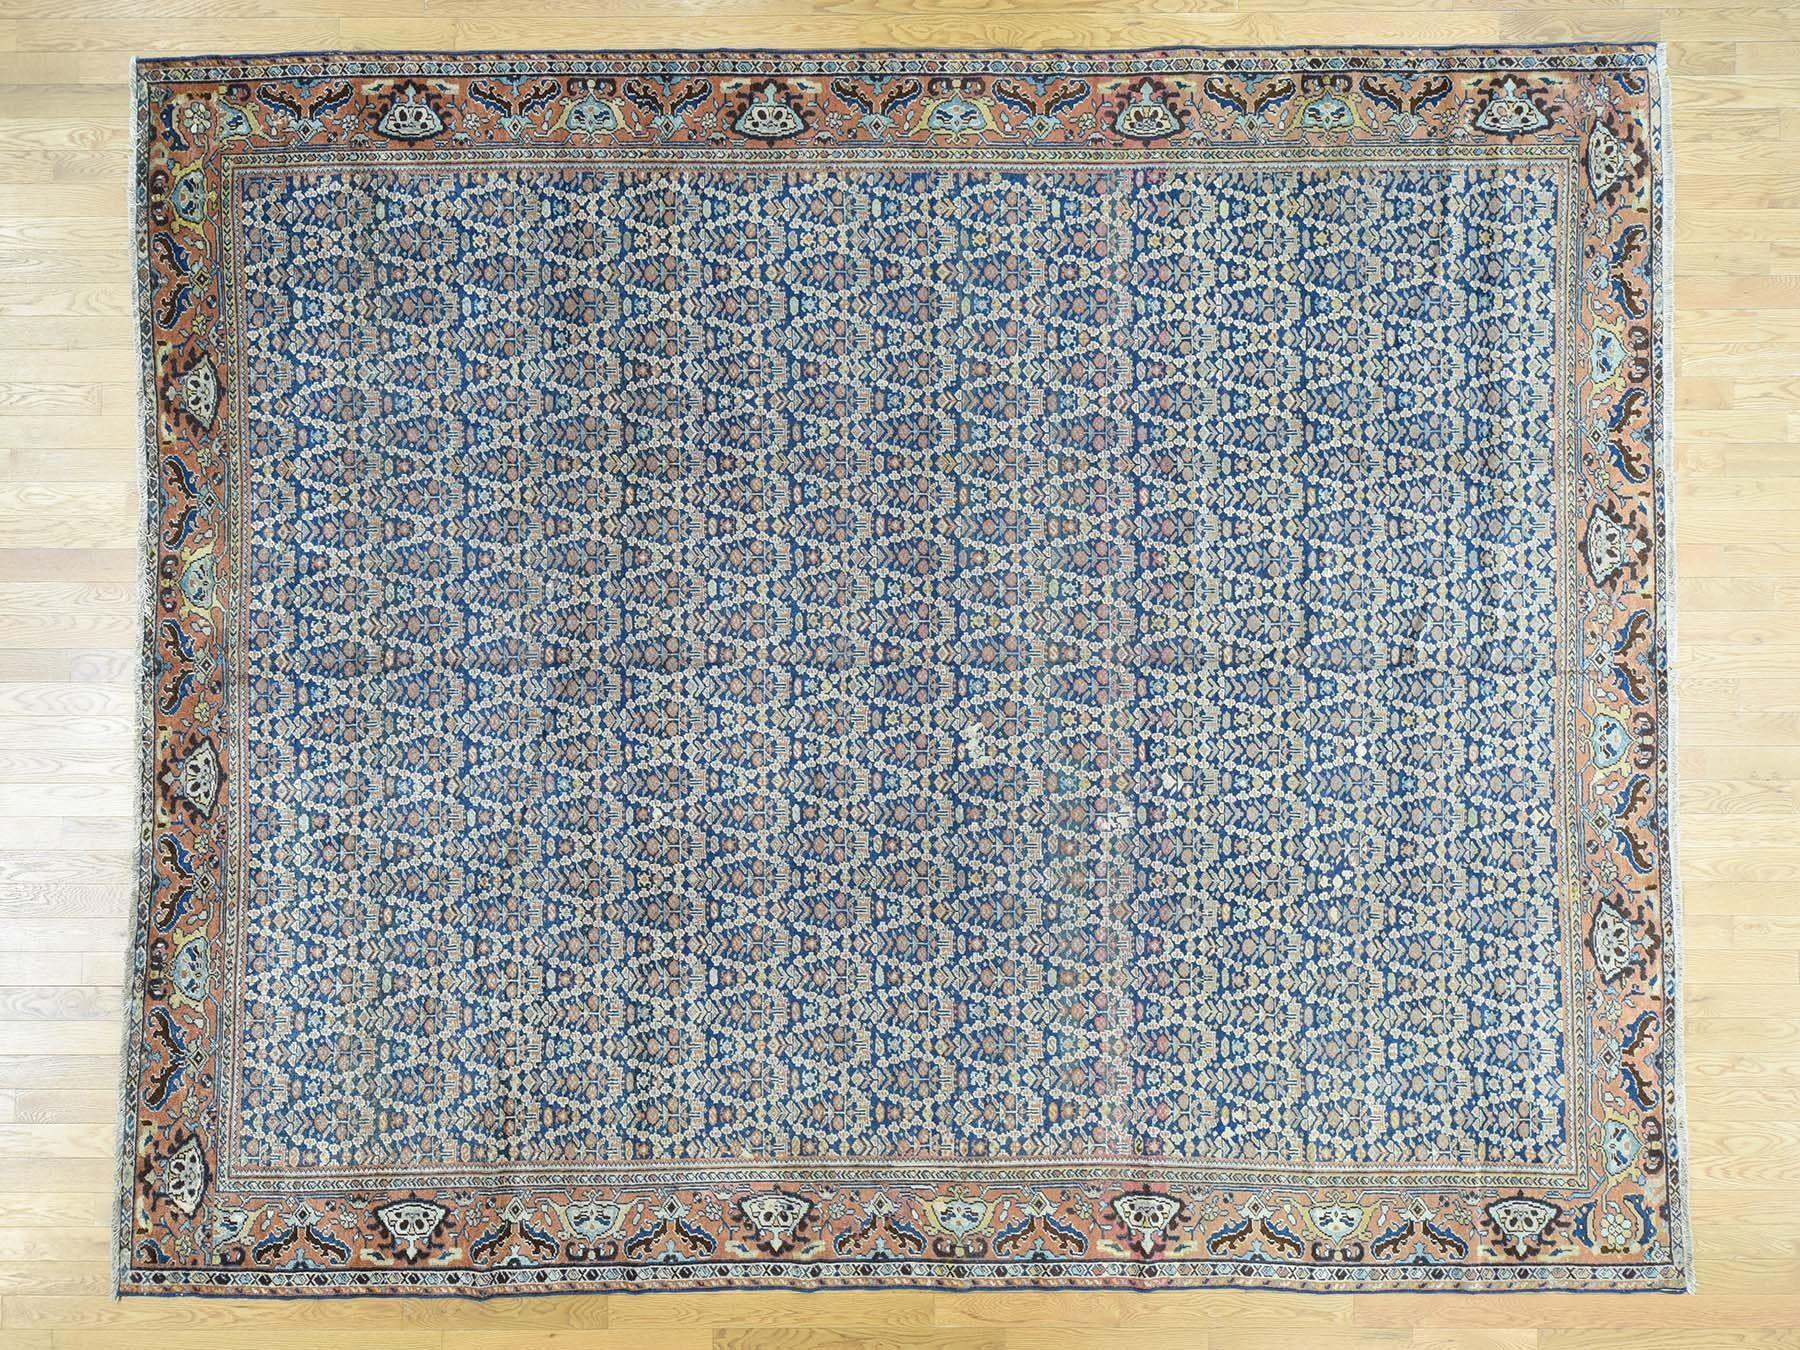 10 X12 4 Antique Persian Mahal Paisley Design Exc Cond Oriental Rug Sh30265 Oriental Rug Paisley Design Rugs